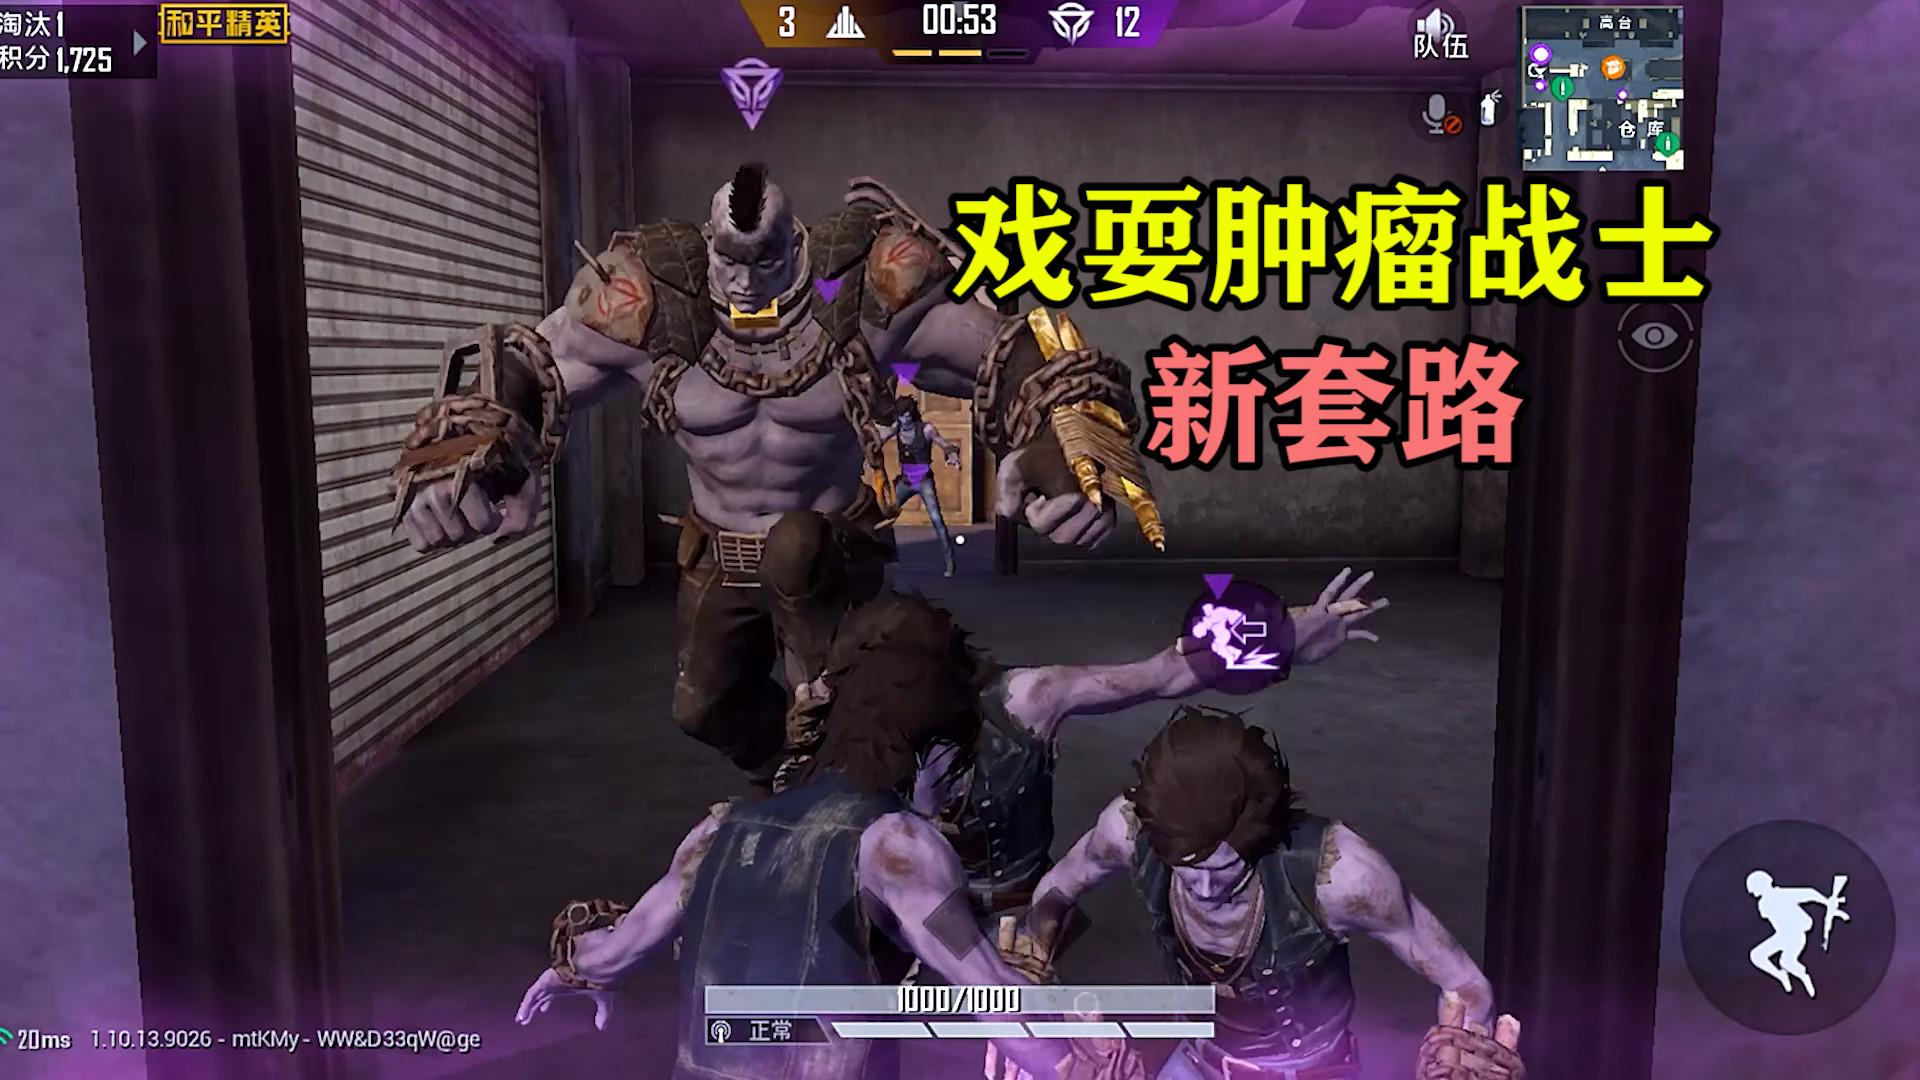 和平精英: 突变团竞套路强化战士,最坑玩法简直无解!